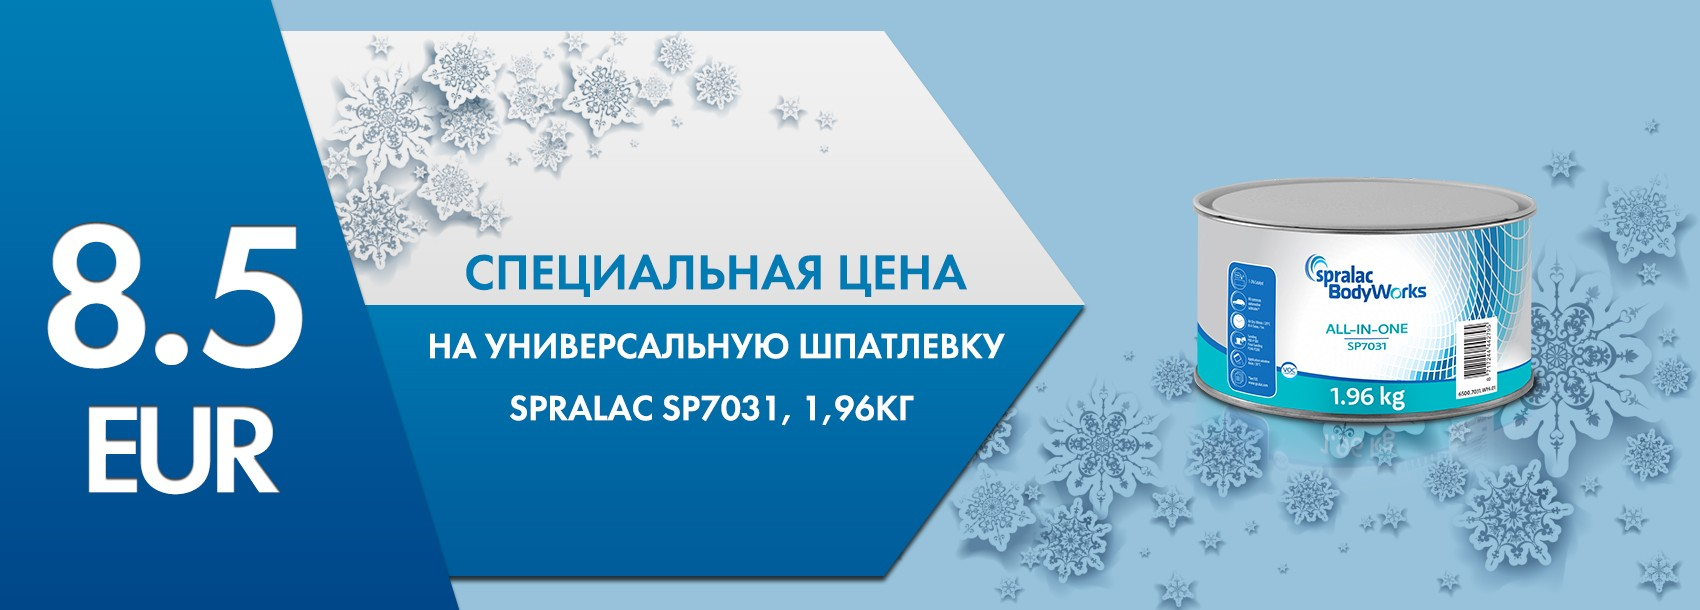 Специальная цена на универсальную шпатлевку Spralac – 8,5 Евро